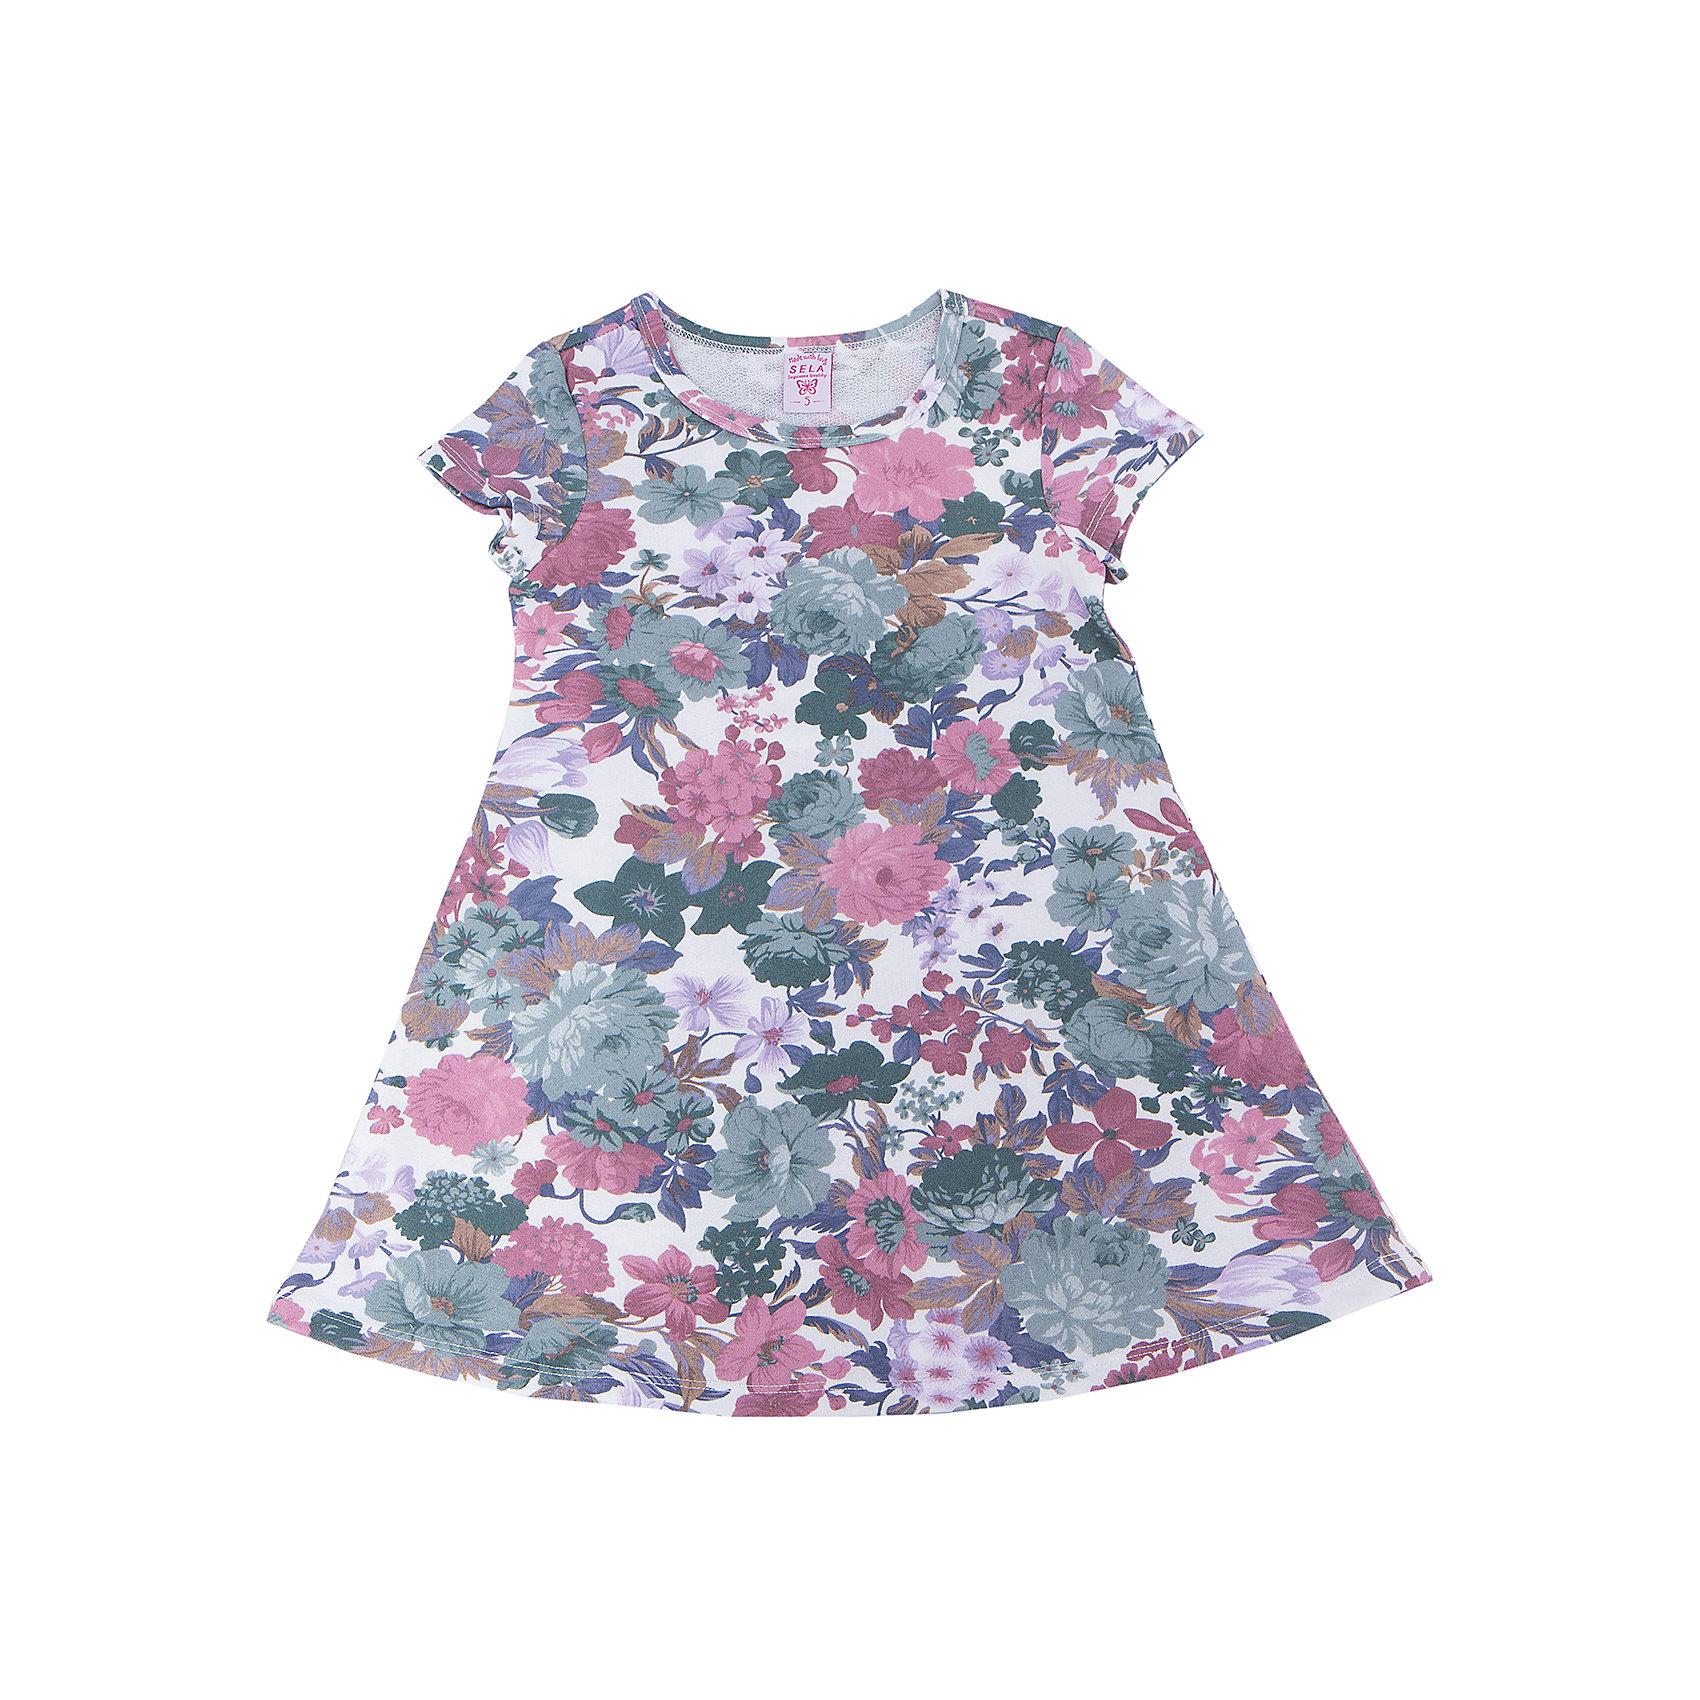 Платье для девочки SELAПлатья и сарафаны<br>Характеристики:<br><br>• Вид детской и подростковой одежды: платье<br>• Пол: для девочки<br>• Предназначение: повседневная, праздничная<br>• Сезон: лето<br>• Тематика рисунка: цветочный принт<br>• Цвет: мультиколор<br>• Материал: 65% хлопок, 35% полиэстер<br>• Силуэт: А-силуэт<br>• Рукав: короткий<br>• Горловина: круглая<br>• Длина платья: мини<br>• Особенности ухода: ручная стирка при температуре не более 30 градусов, глажение на щадящем режиме<br><br>Платье для девочки SELA из коллекции детской и подростковой одежды от знаменитого торгового бренда, который производит удобную, комфортную и стильную одежду, предназначенную как для будней, так и для праздников. Изделие выполнено из легкого трикотажного полотна, в состав которого входит хлопок и полиэстер, что обеспечивает платью повышенные гипоаллергенные и гигроскопичные свойства. Платье выполнено в классическом стиле: А-силуэт, короткий втачной рукав и круглая горловина. Изделие выполнено из ткани в крупный цветочный принт. Платье для девочки SELA может быть как самостоятельным предметом гардероба, так и хорошо будет сочетаться с леггинсами.<br><br>Платье для девочки SELA можно купить в нашем интернет-магазине.<br><br>Ширина мм: 236<br>Глубина мм: 16<br>Высота мм: 184<br>Вес г: 177<br>Цвет: разноцветный<br>Возраст от месяцев: 60<br>Возраст до месяцев: 72<br>Пол: Женский<br>Возраст: Детский<br>Размер: 116,98,104,110<br>SKU: 5305340